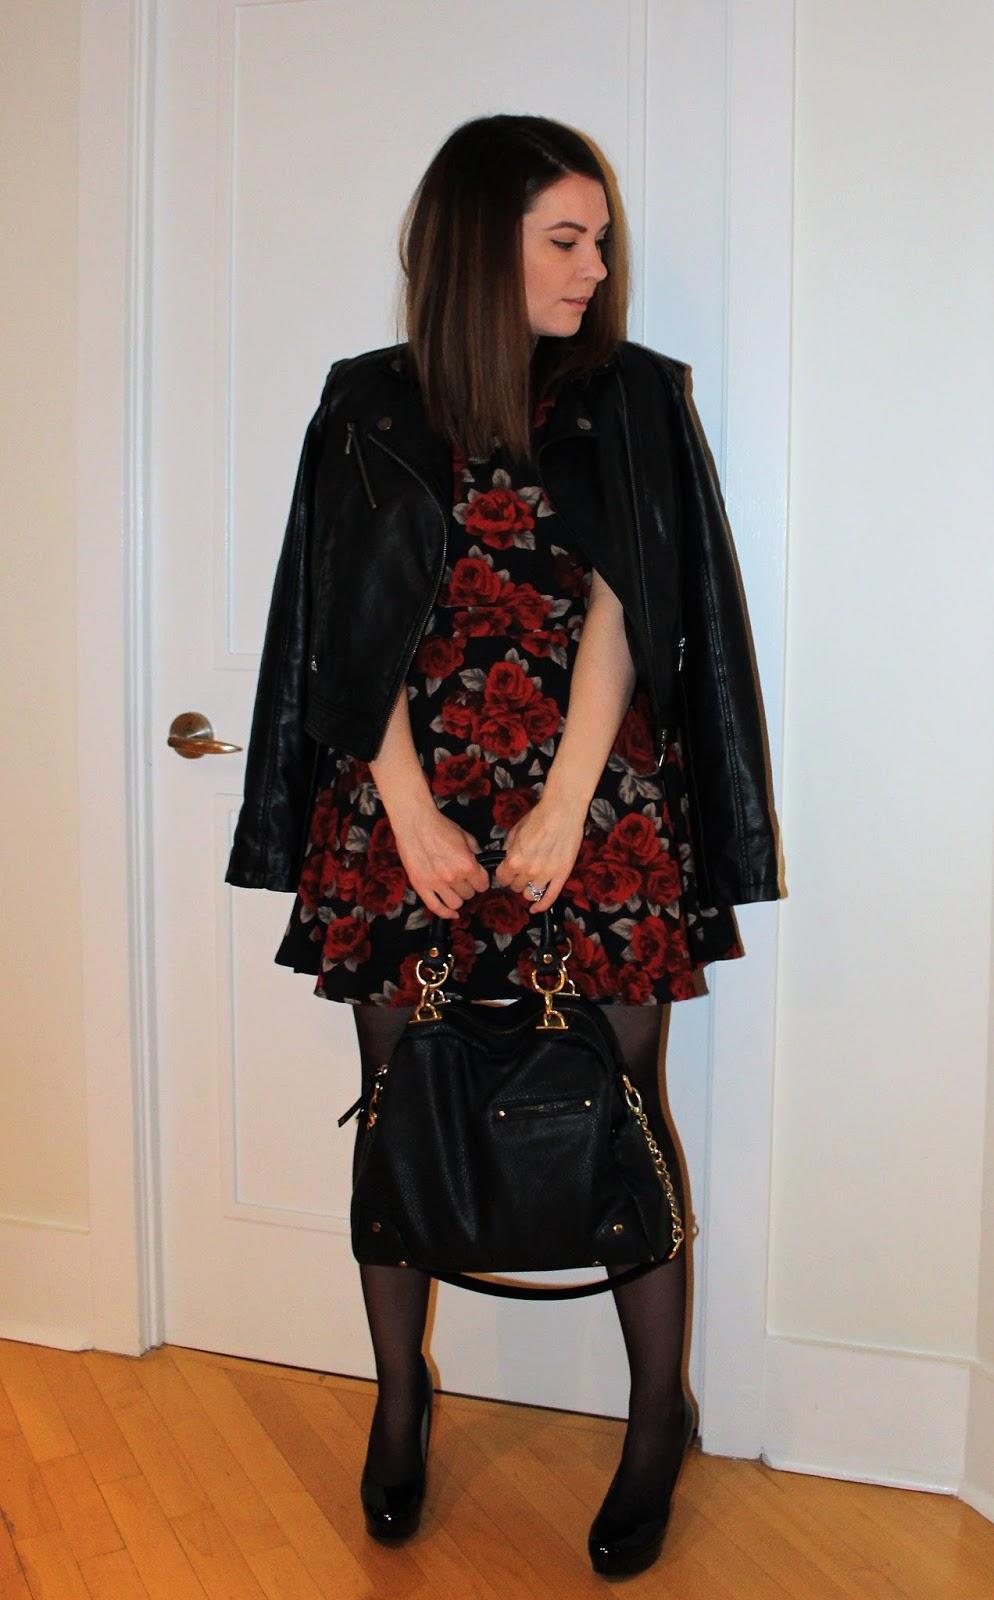 Floral Dress, Leather Jacket, Bucket Bag, Pumps